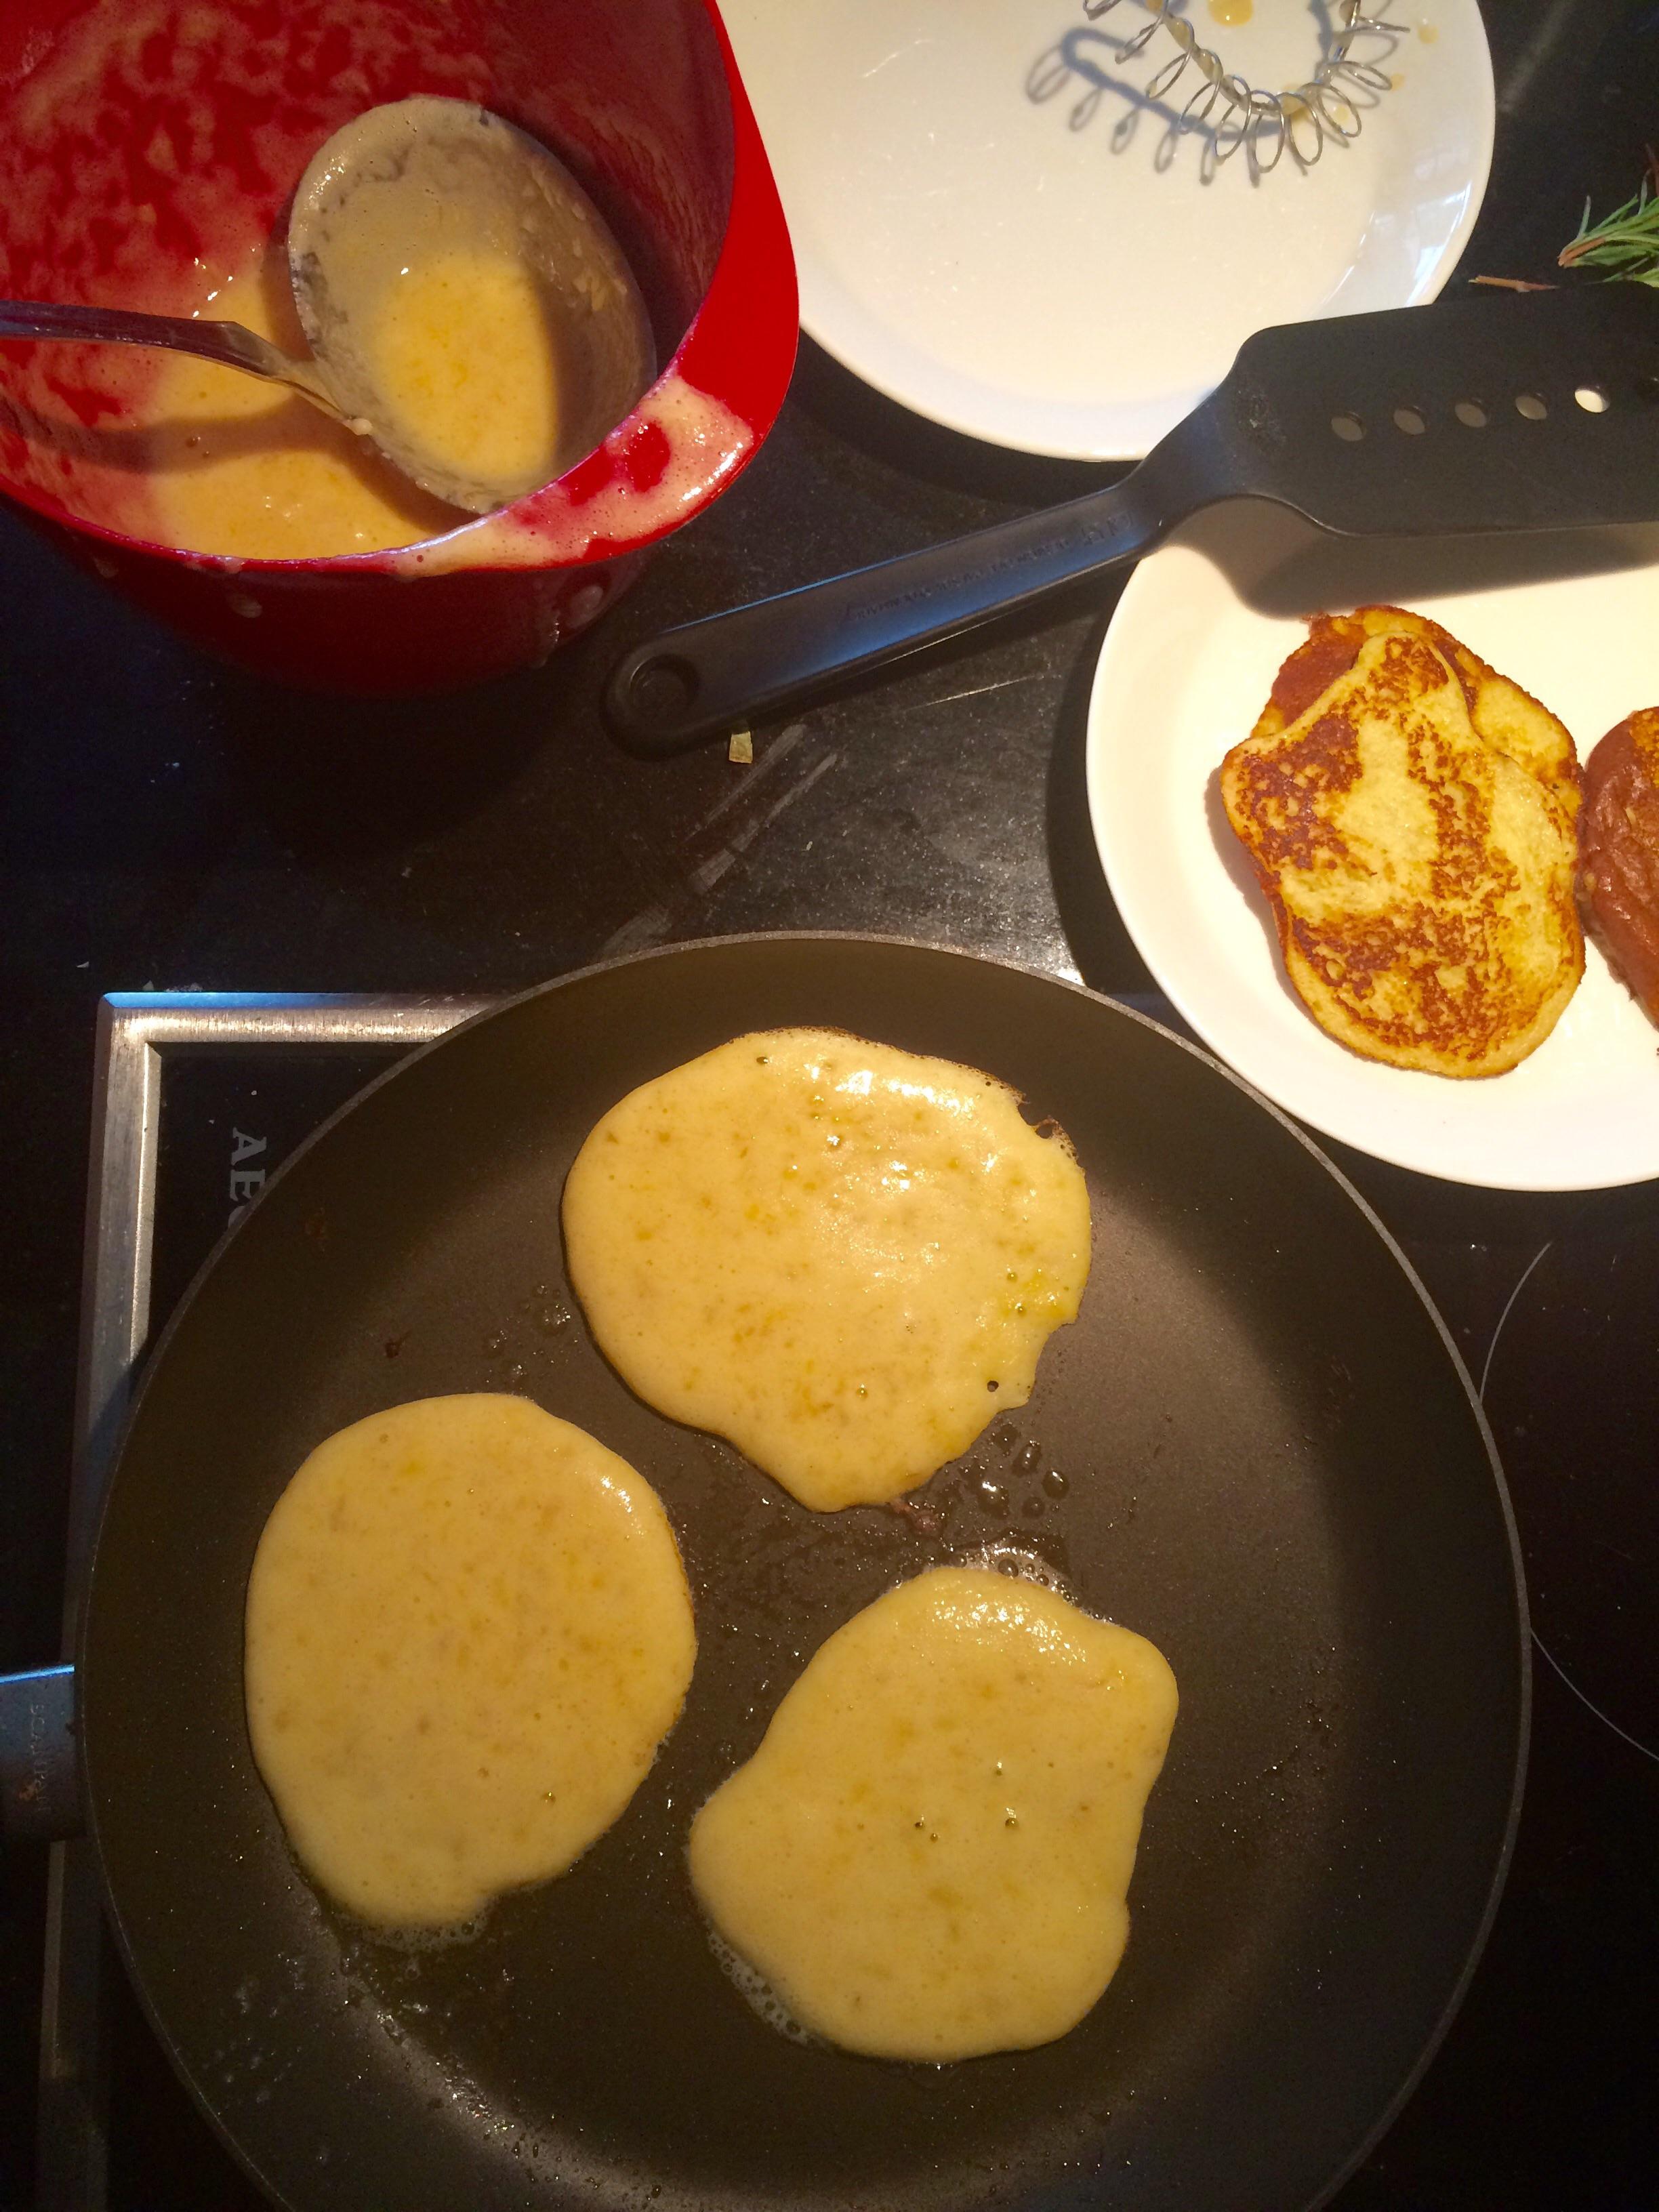 Vips! Litt smÃ¥gris, men mest kos. Smaker godt med syltetøy, med stekt bacon, eller bare med litt sukker og presset sitron. Mmm!